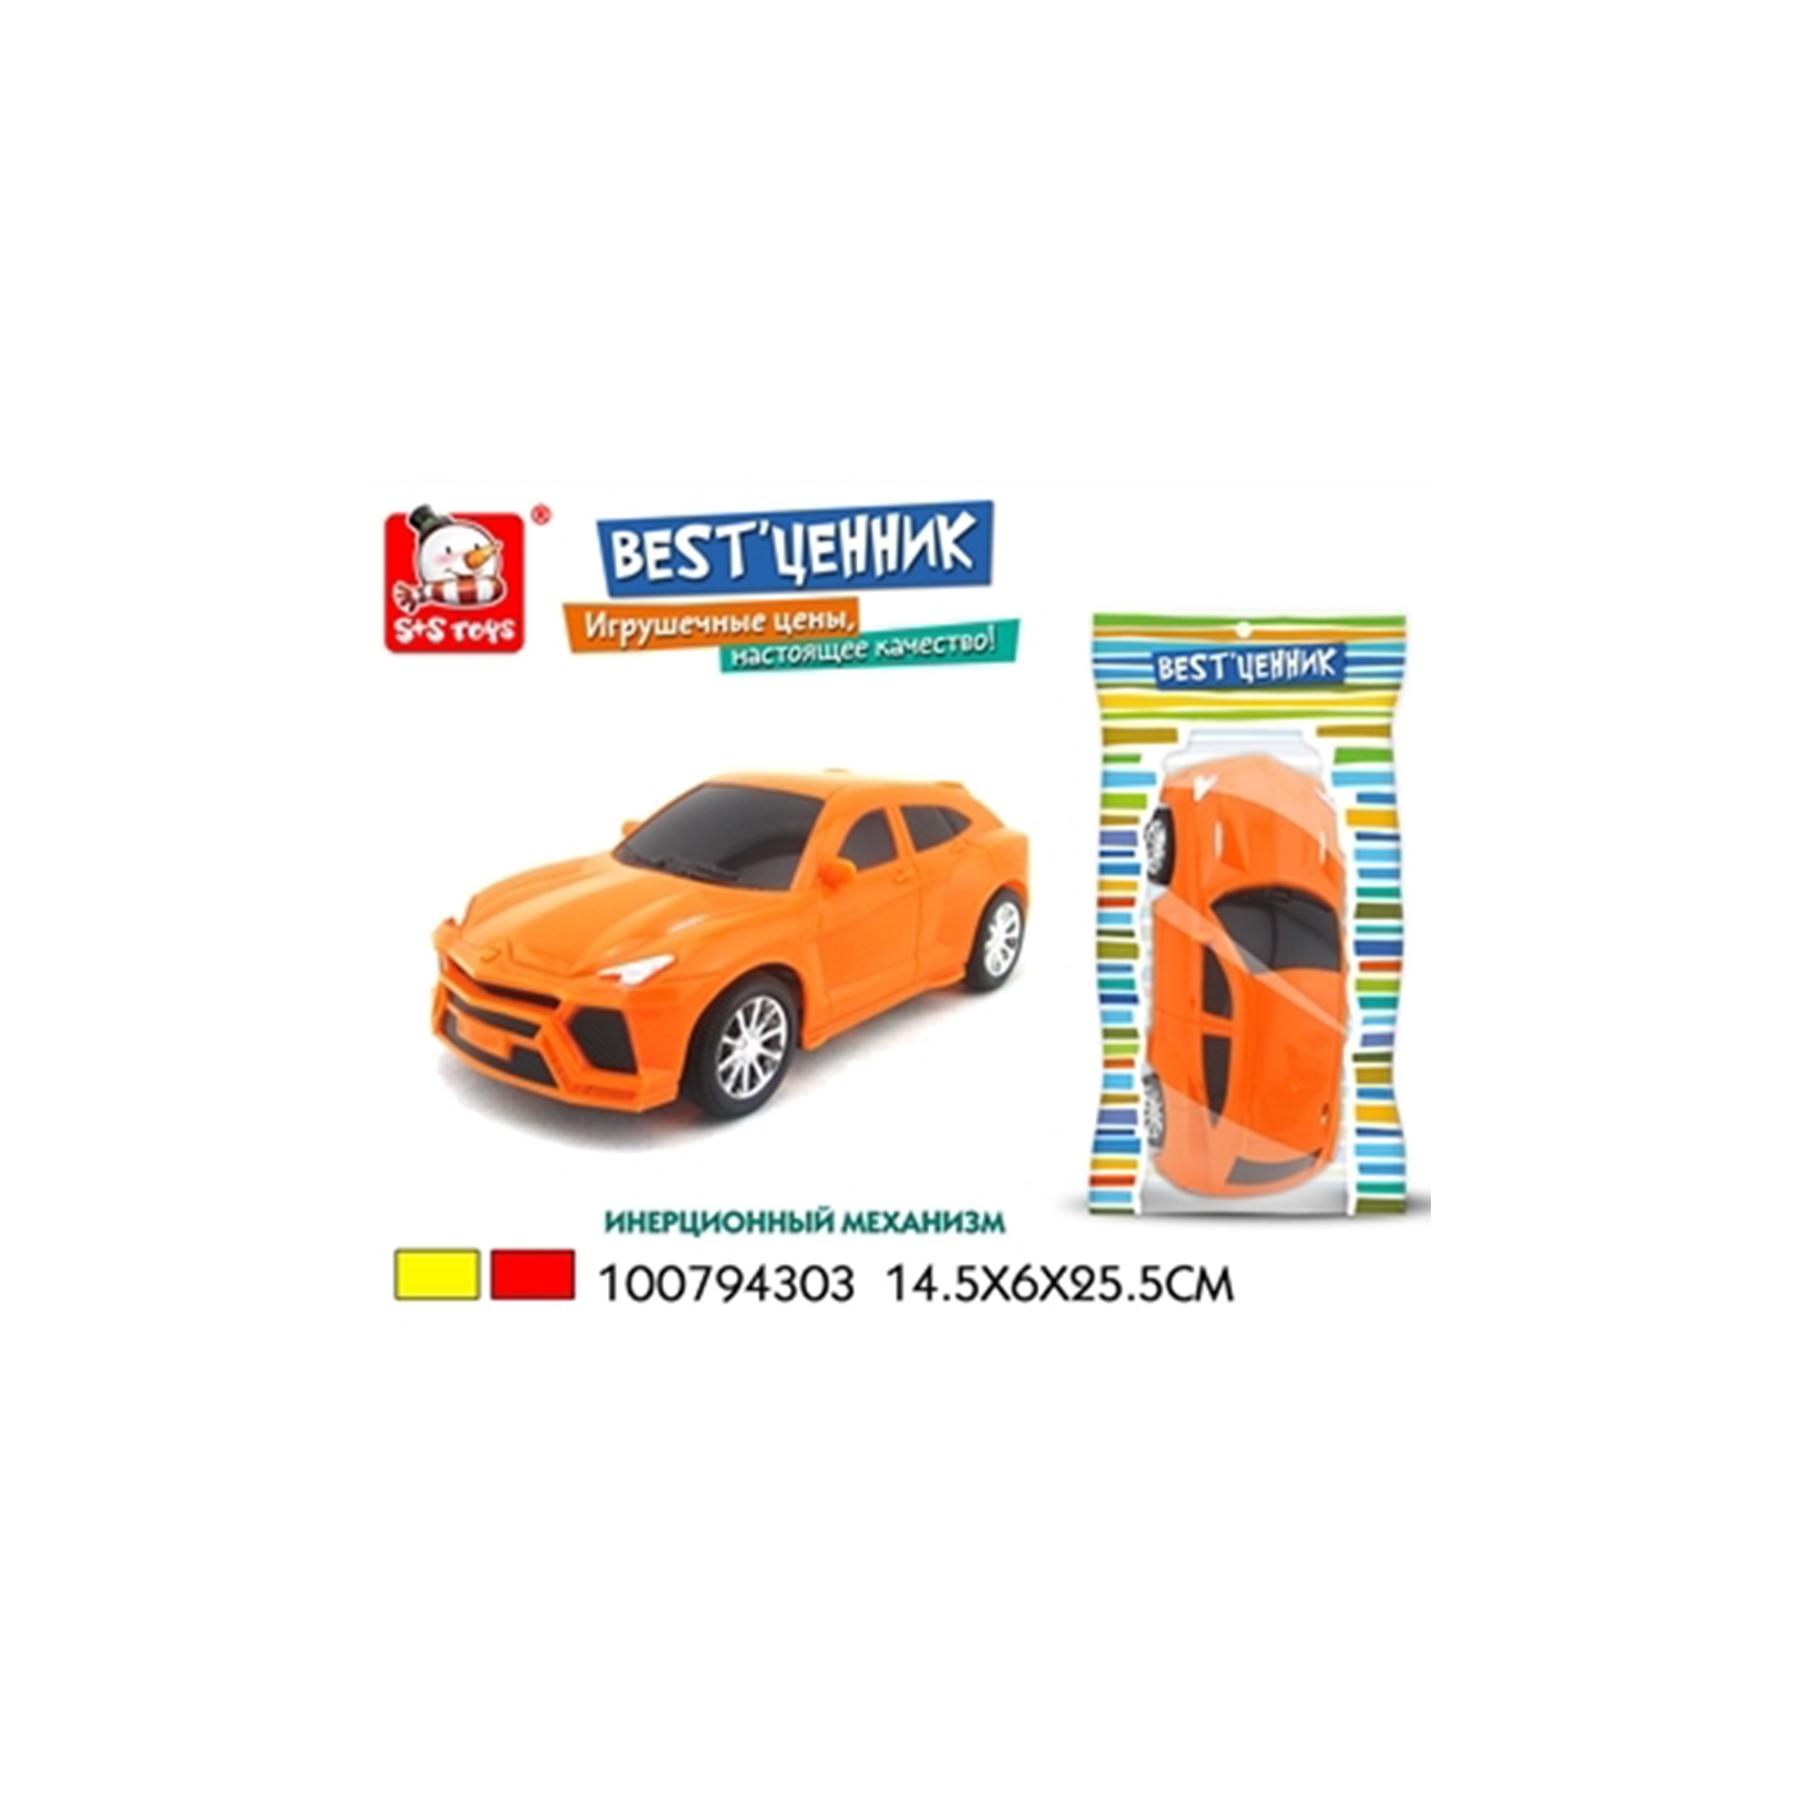 Машинка инерц. 14,5*6*25,5 см 100794303 (50448)